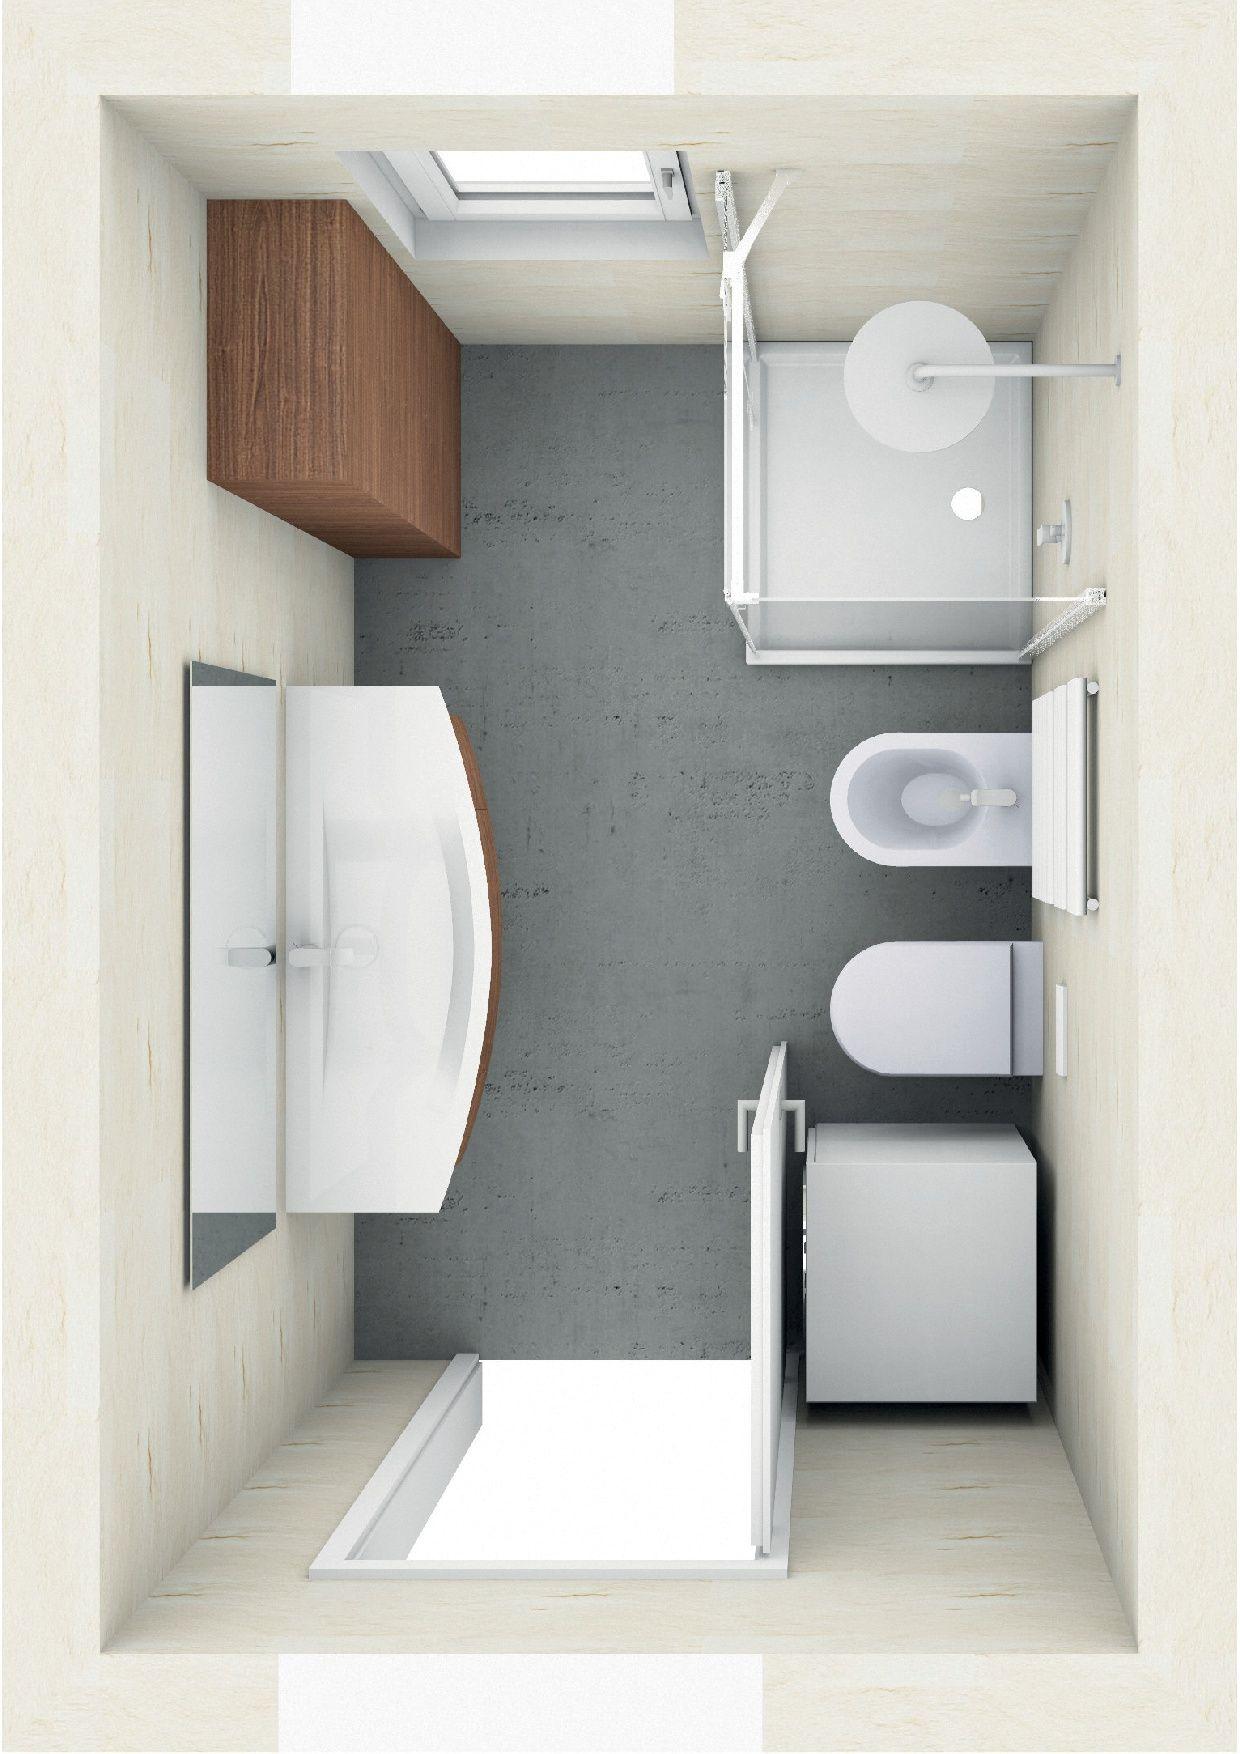 Badplanung Mit Waschmaschine Badarchitektur Gut Geplant